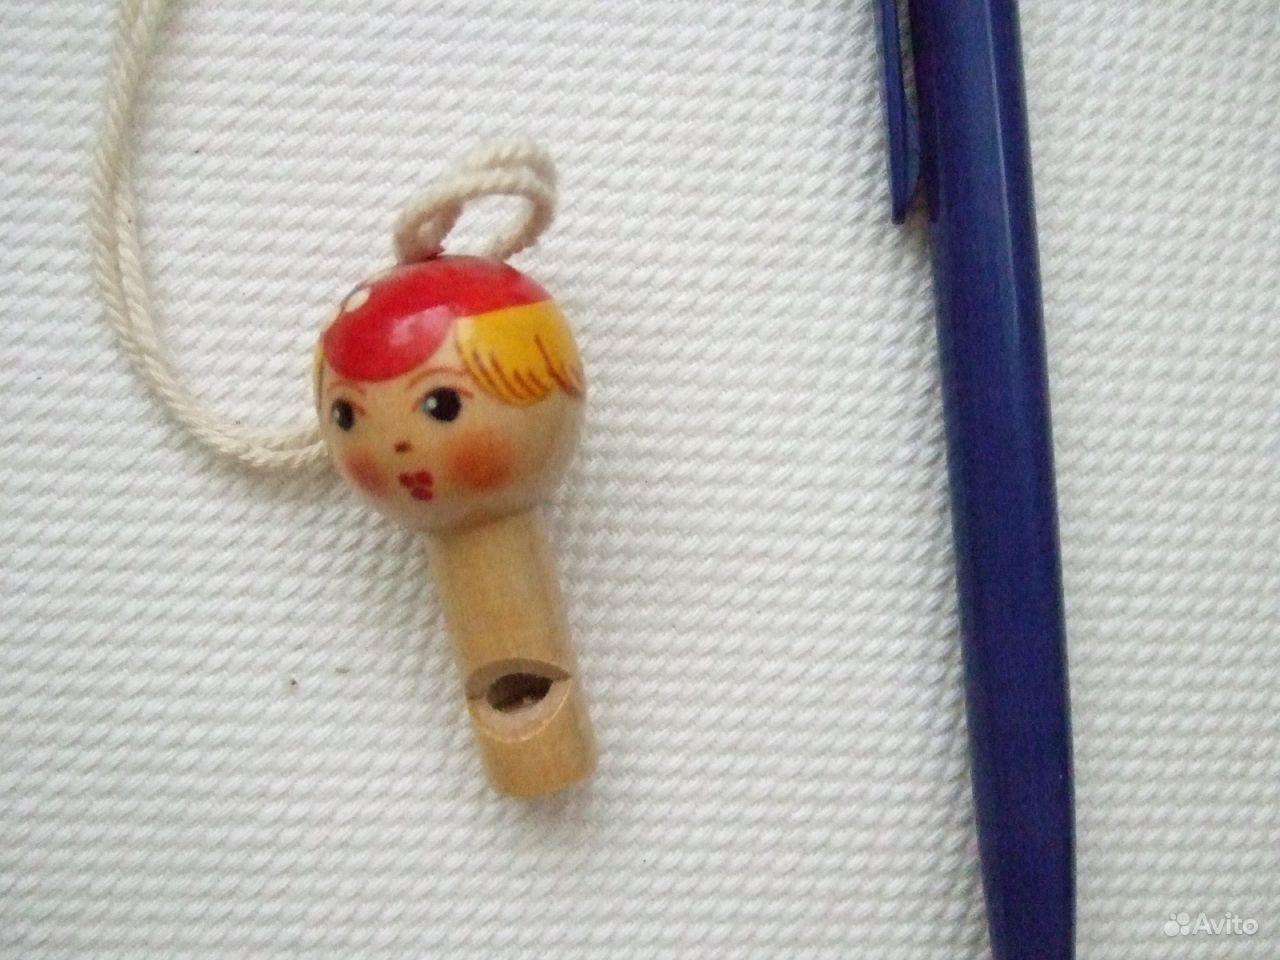 Фото игрушки гуфи резиновый со сфистулькой 17 фотография